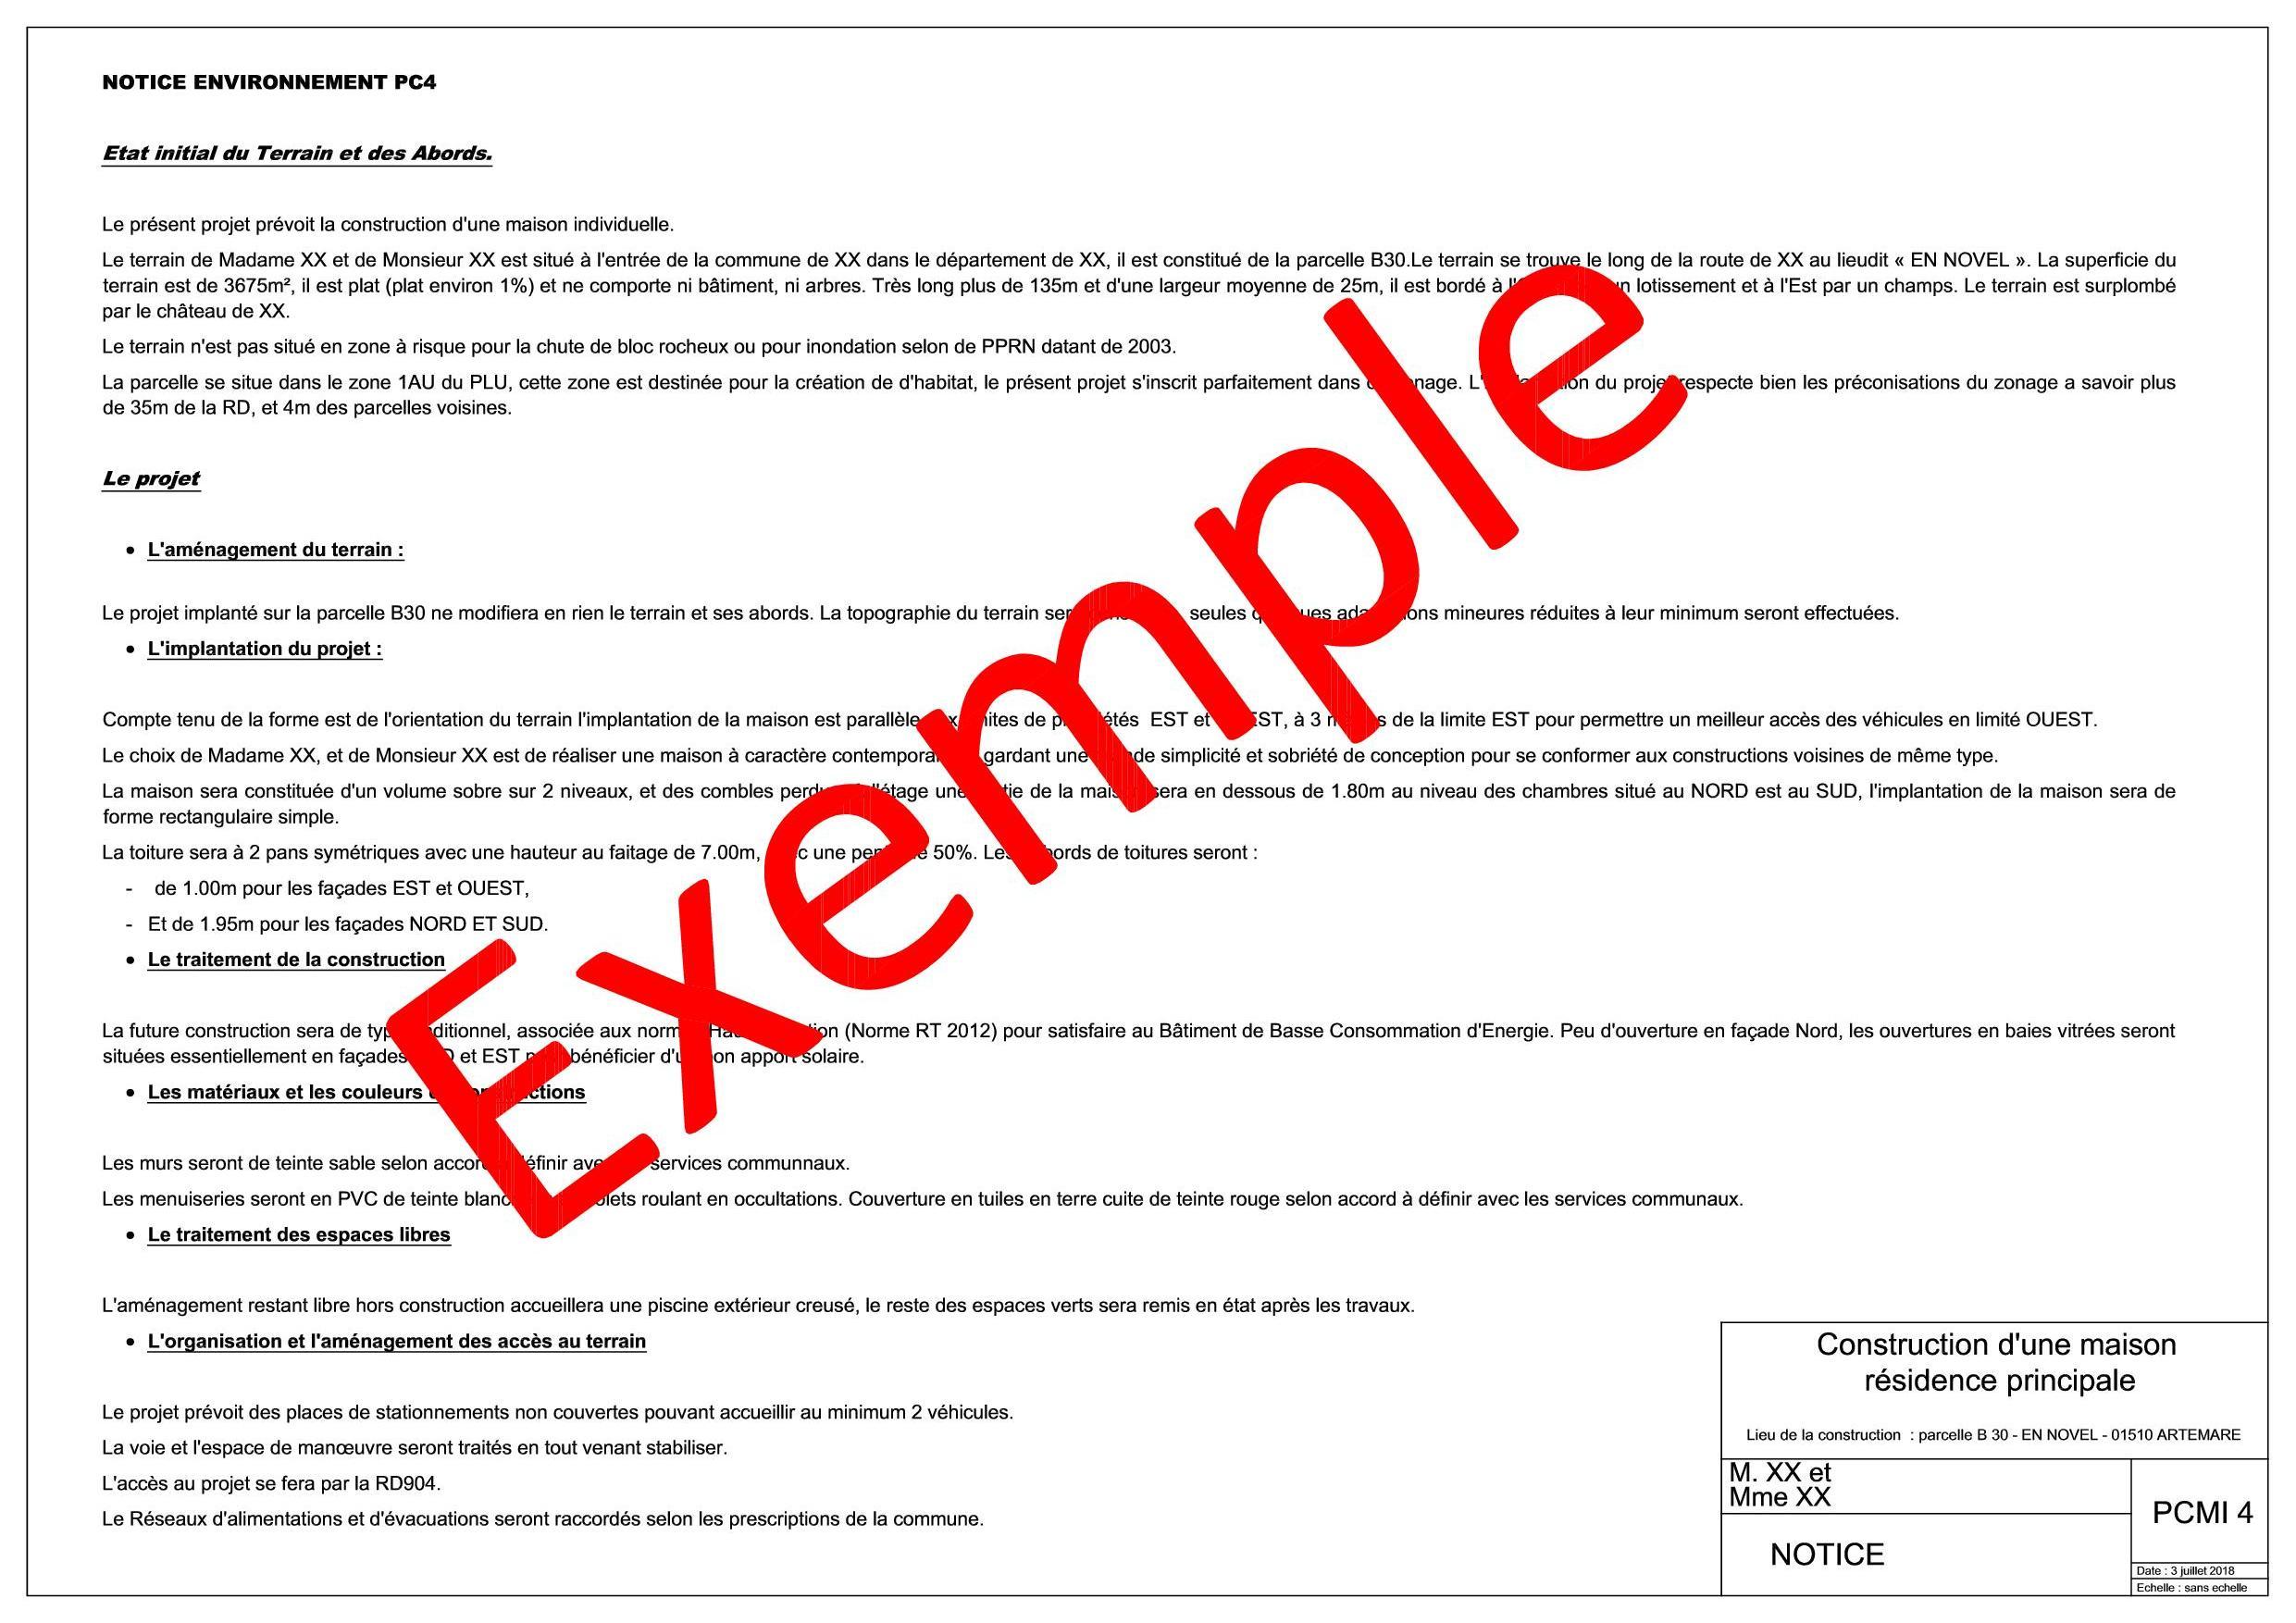 6 Une notice (pcmi4 obligatoire)